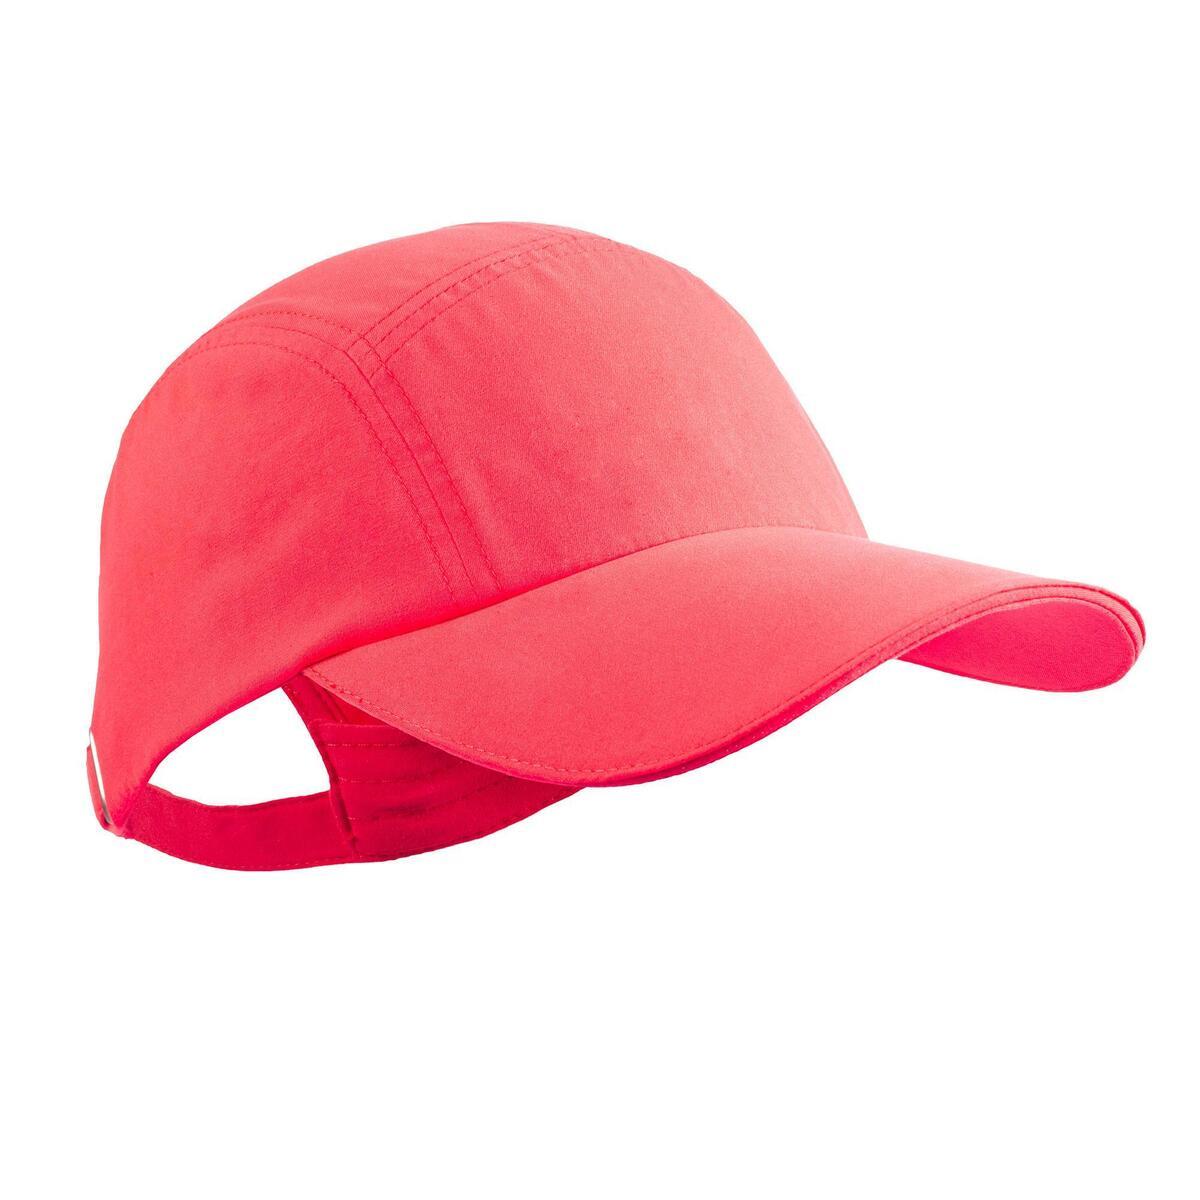 Bild 2 von Cap Fitness Cardio rosa